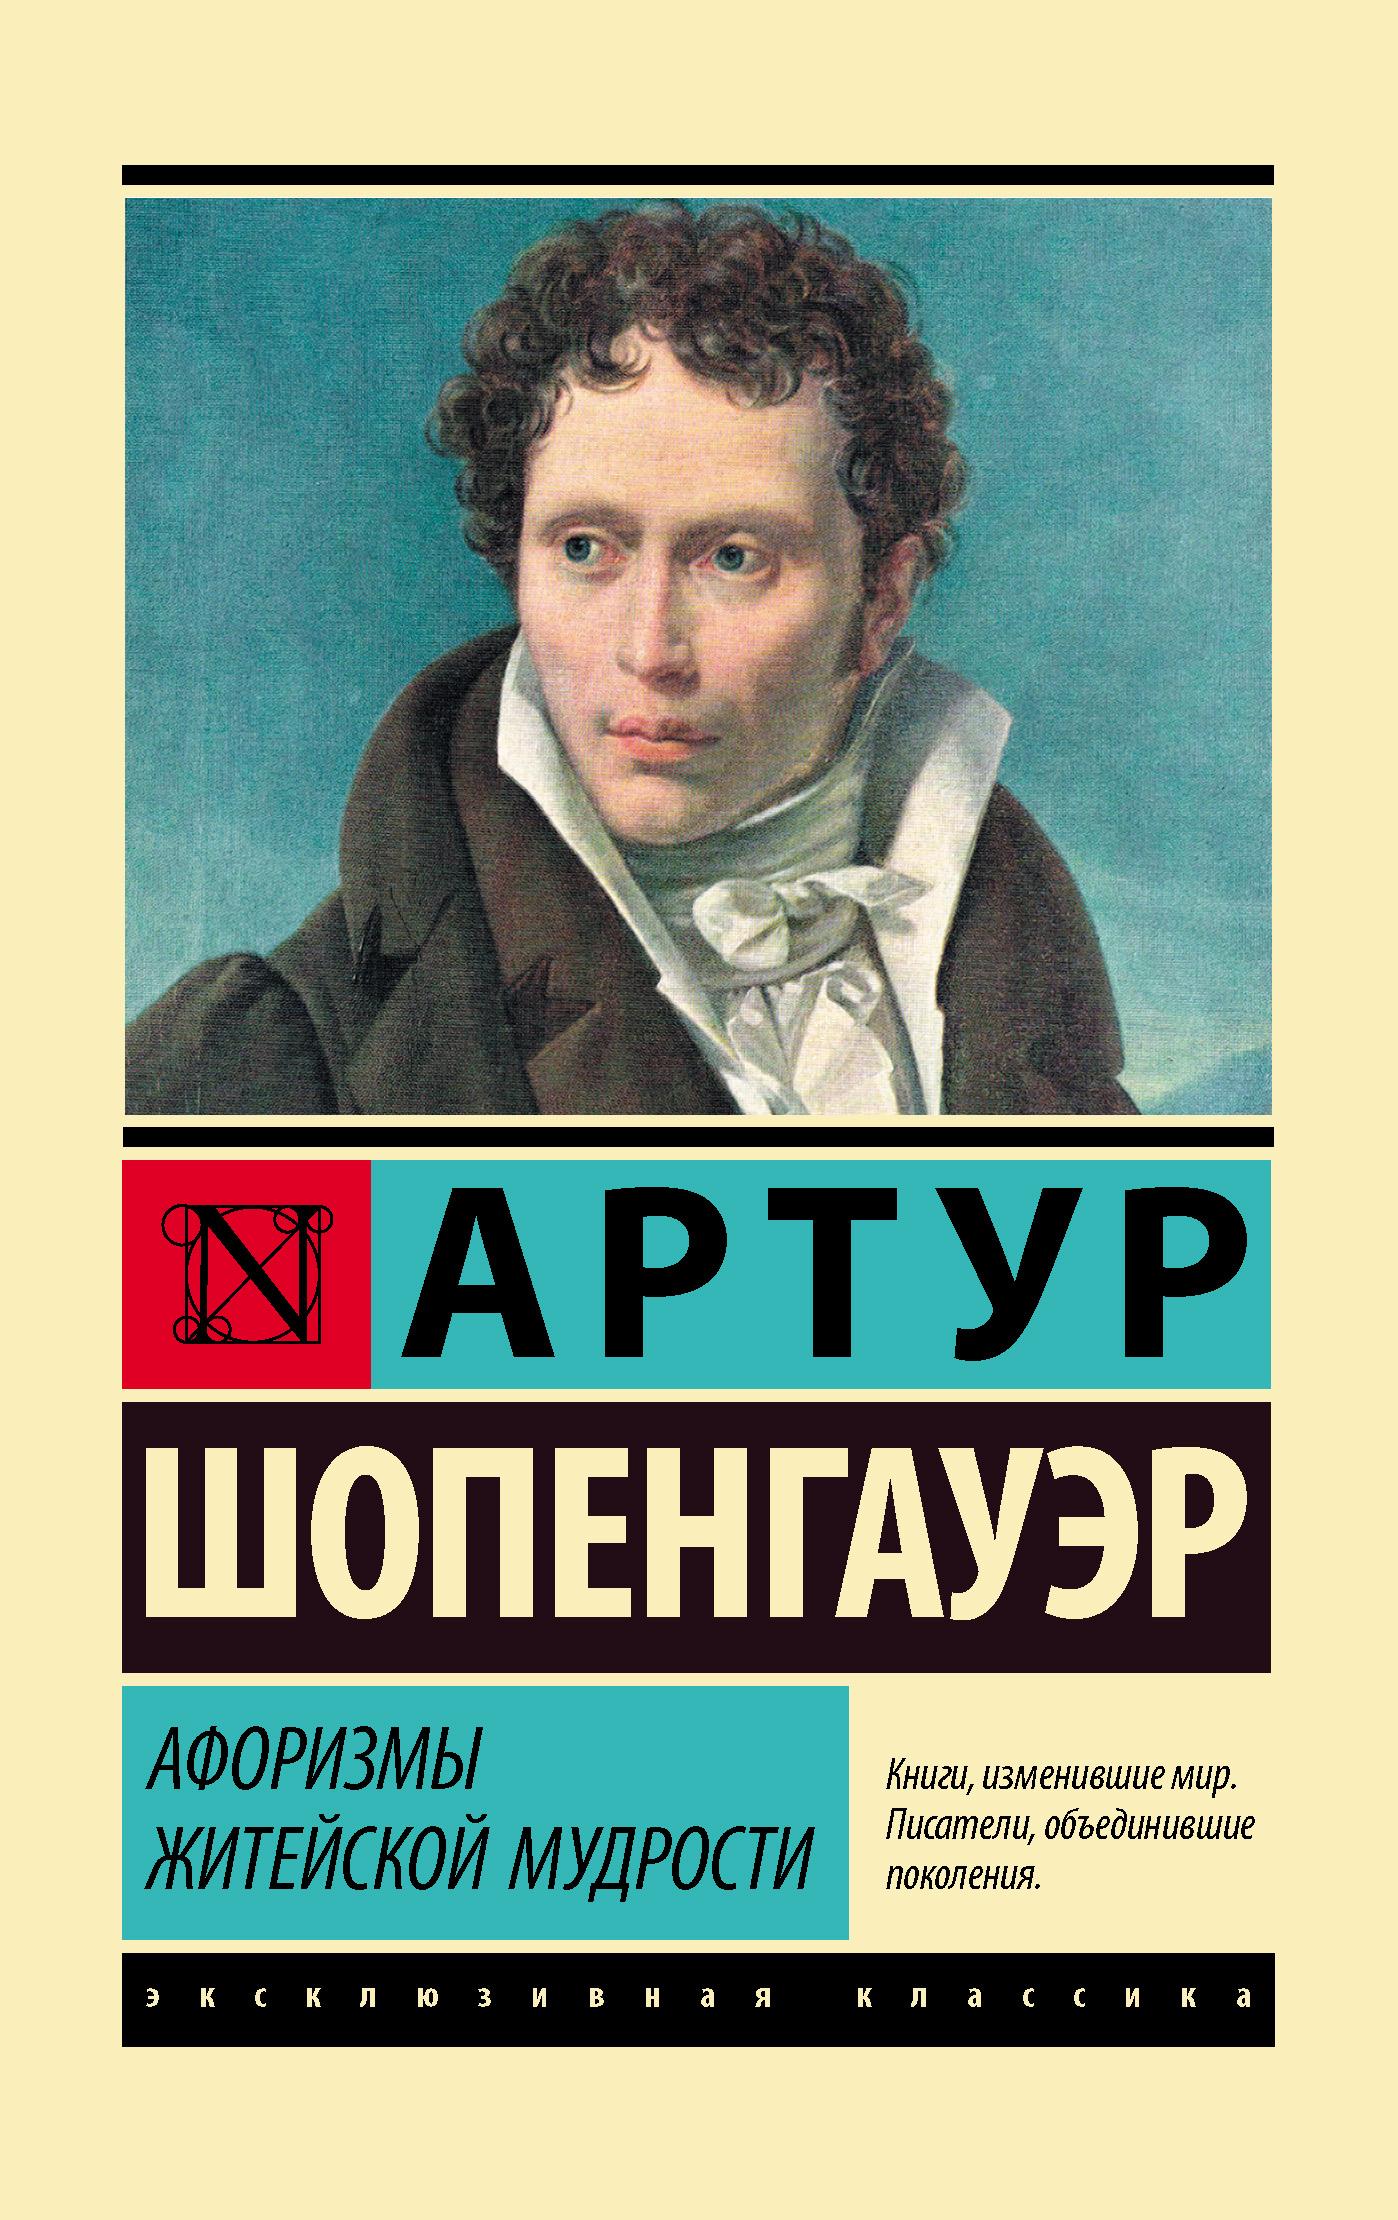 Артур Шопенгауэр Афоризмы житейской мудрости артур шопенгауэр афоризмы и максимы